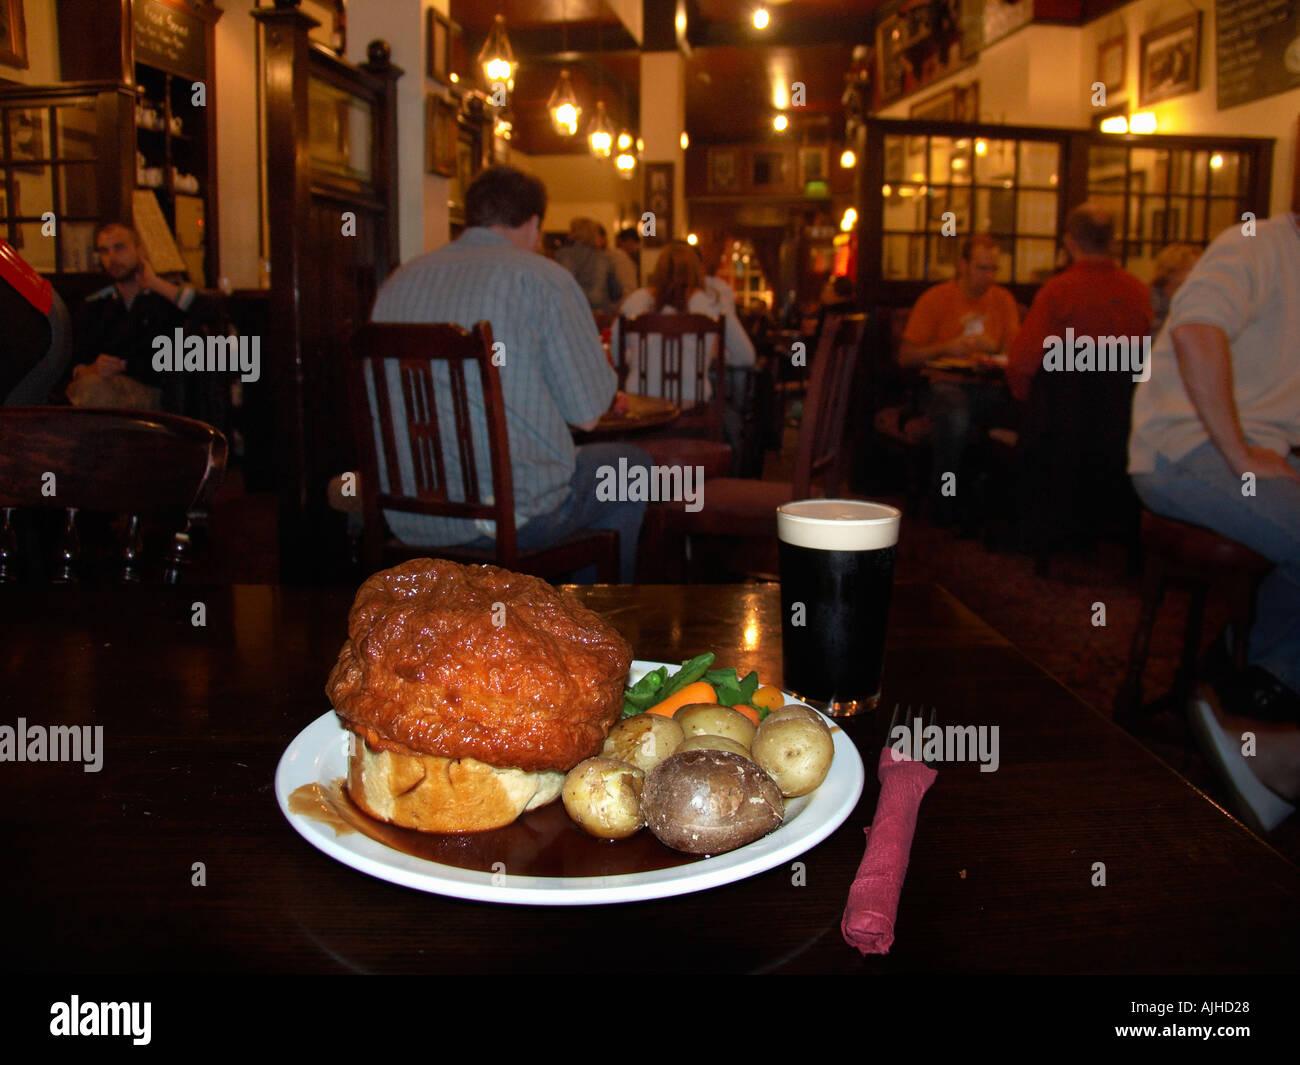 Pub food London England UK - Stock Image